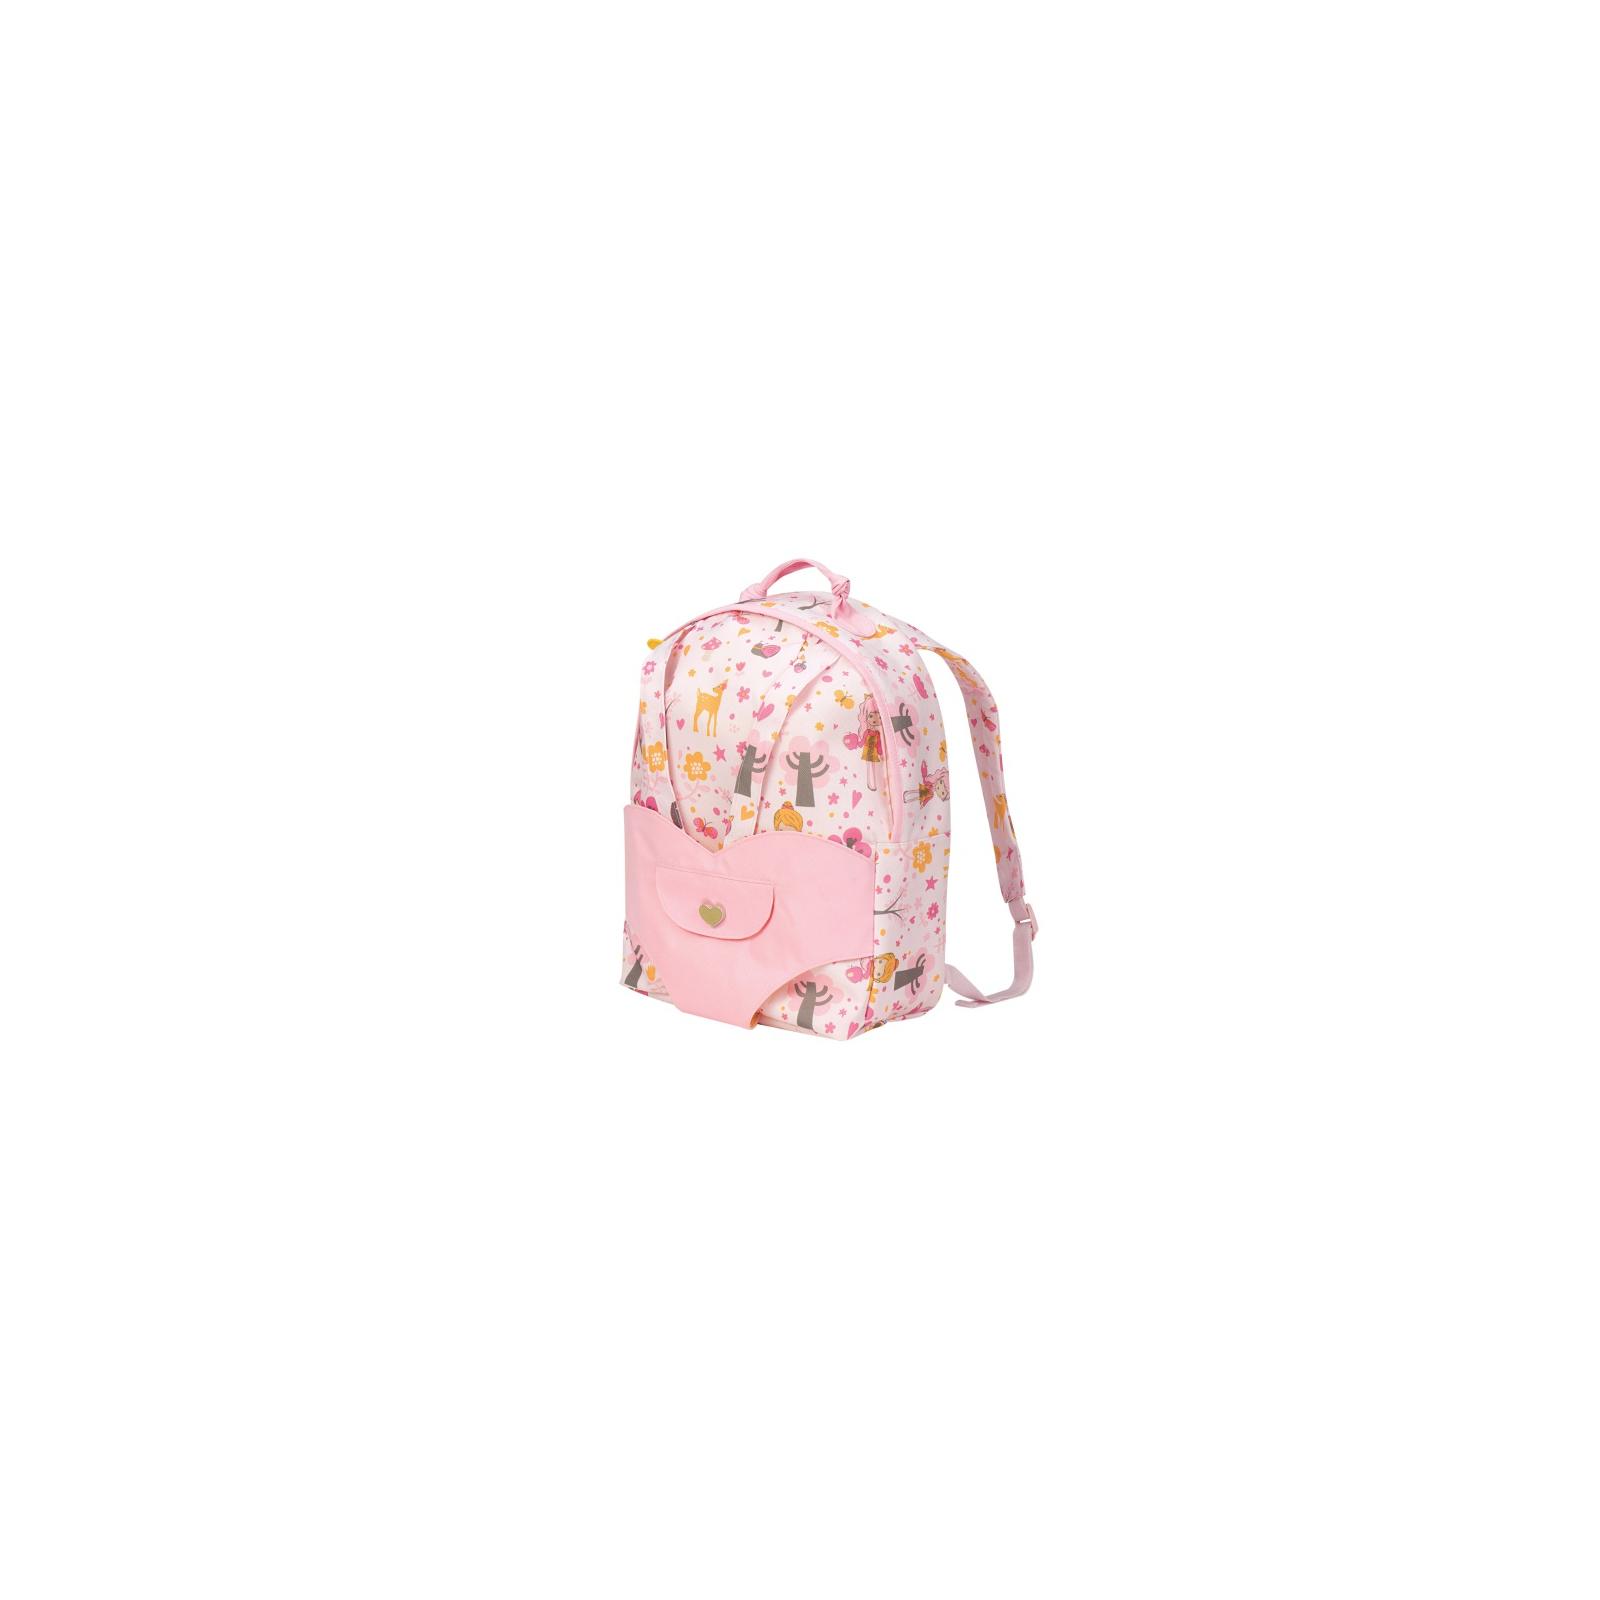 Аксесуар до ляльки Our Generation Рюкзак розовый (BD37237Z)